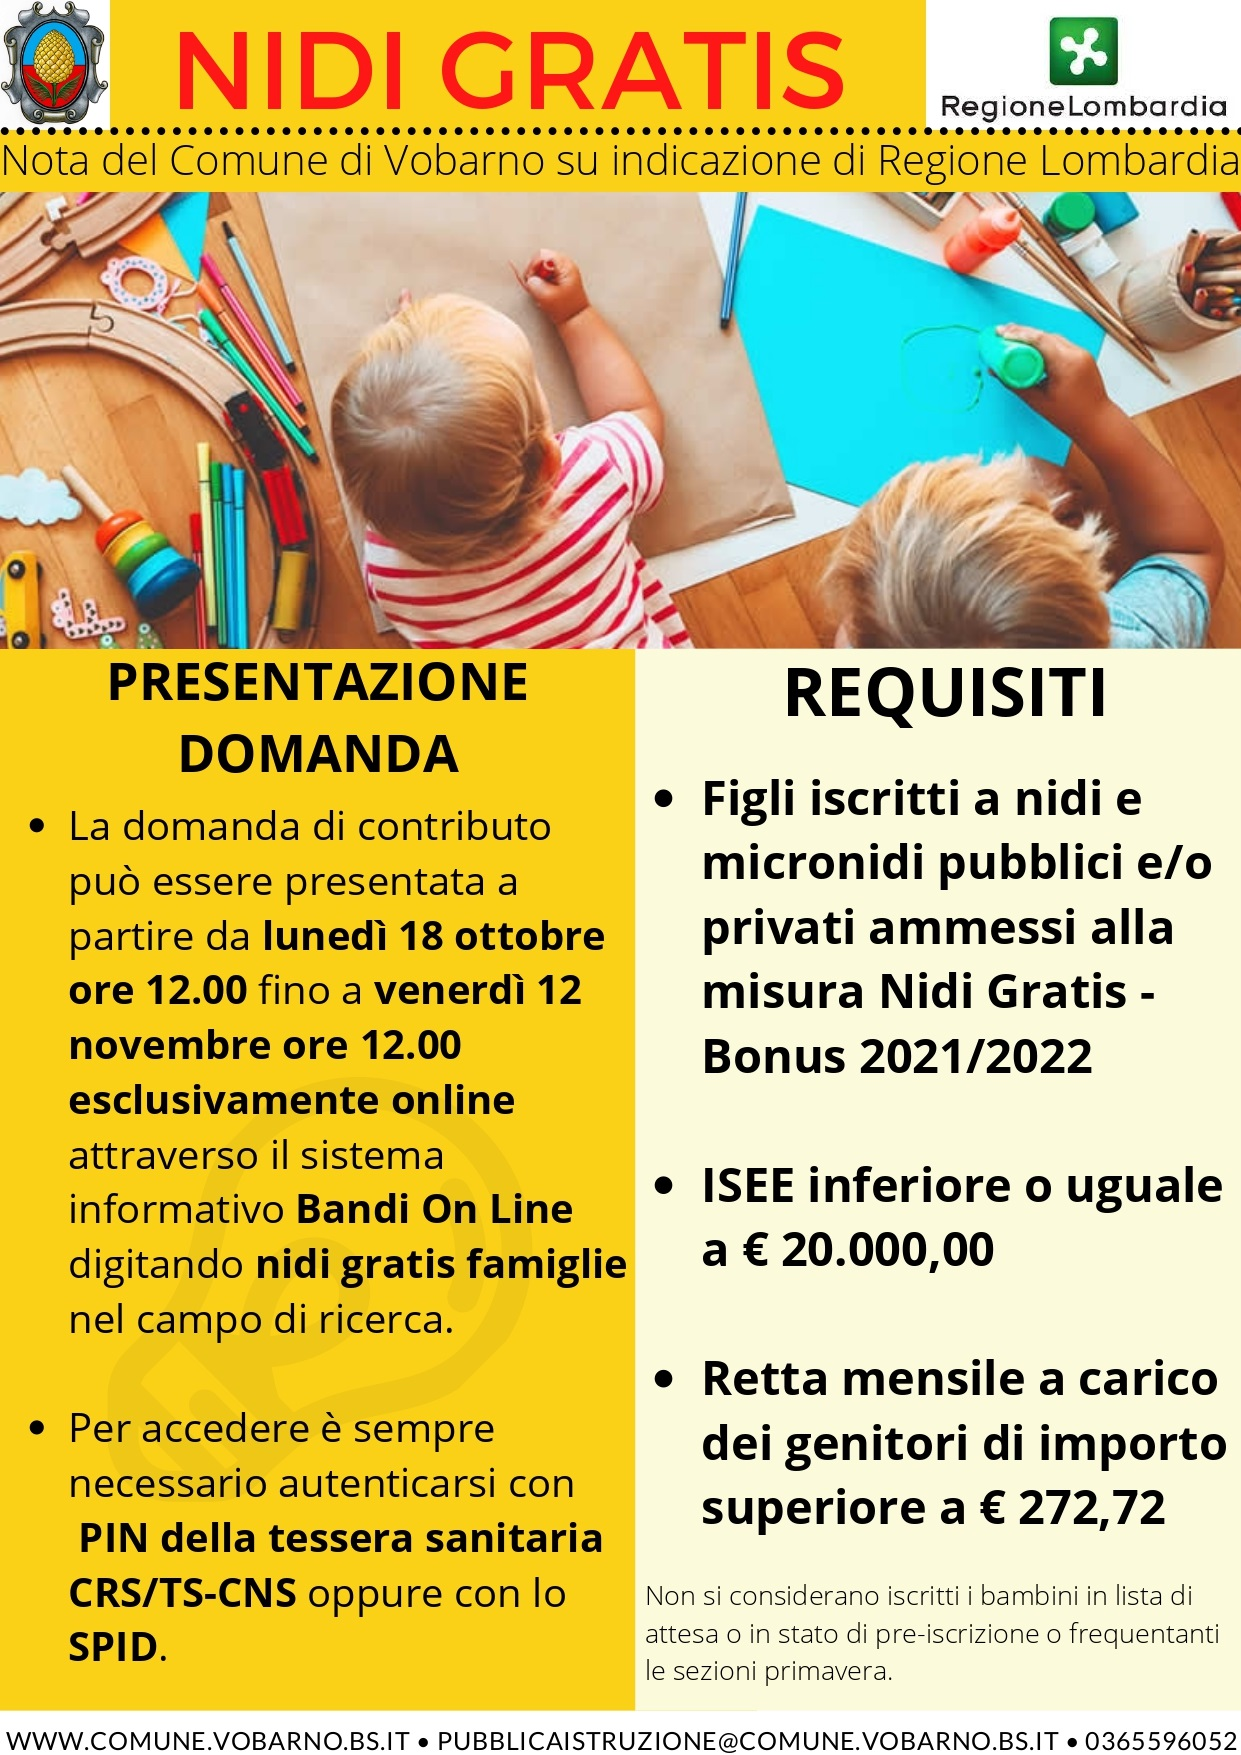 NIDI GRATIS bonus 2021 - 2022